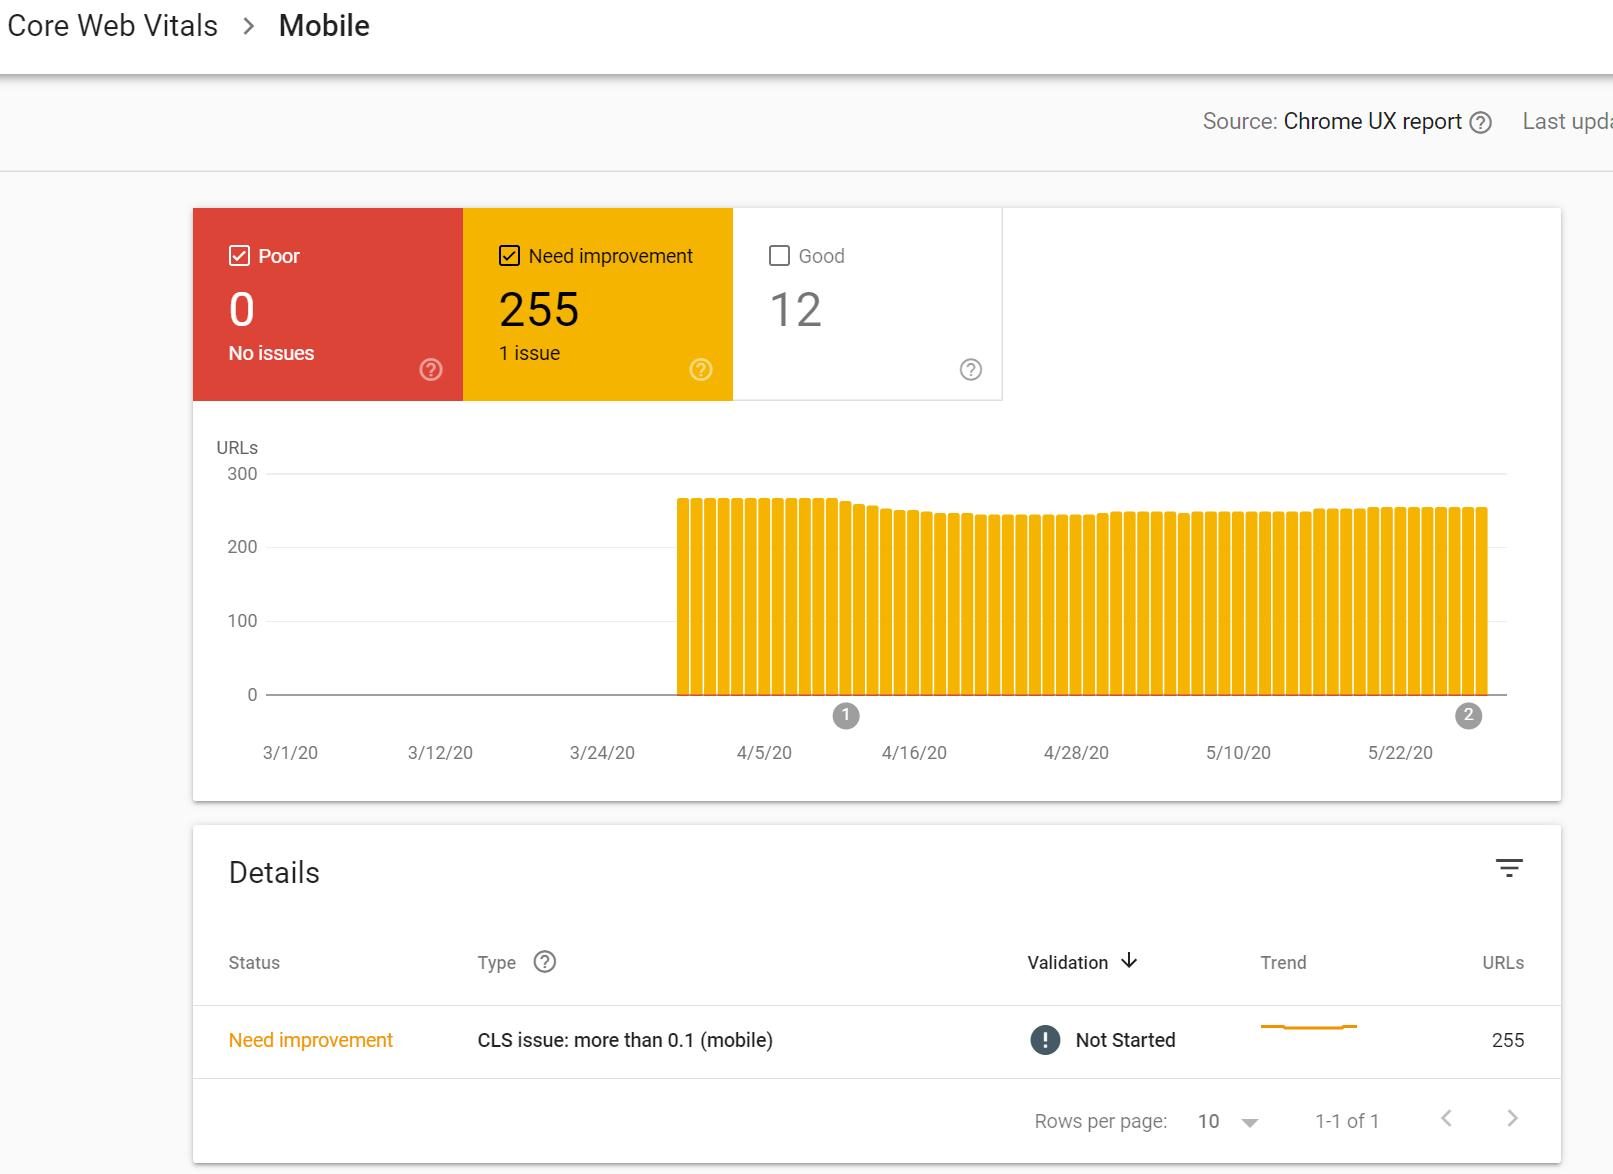 Core Web Vitals Mobile Chrome UX Report